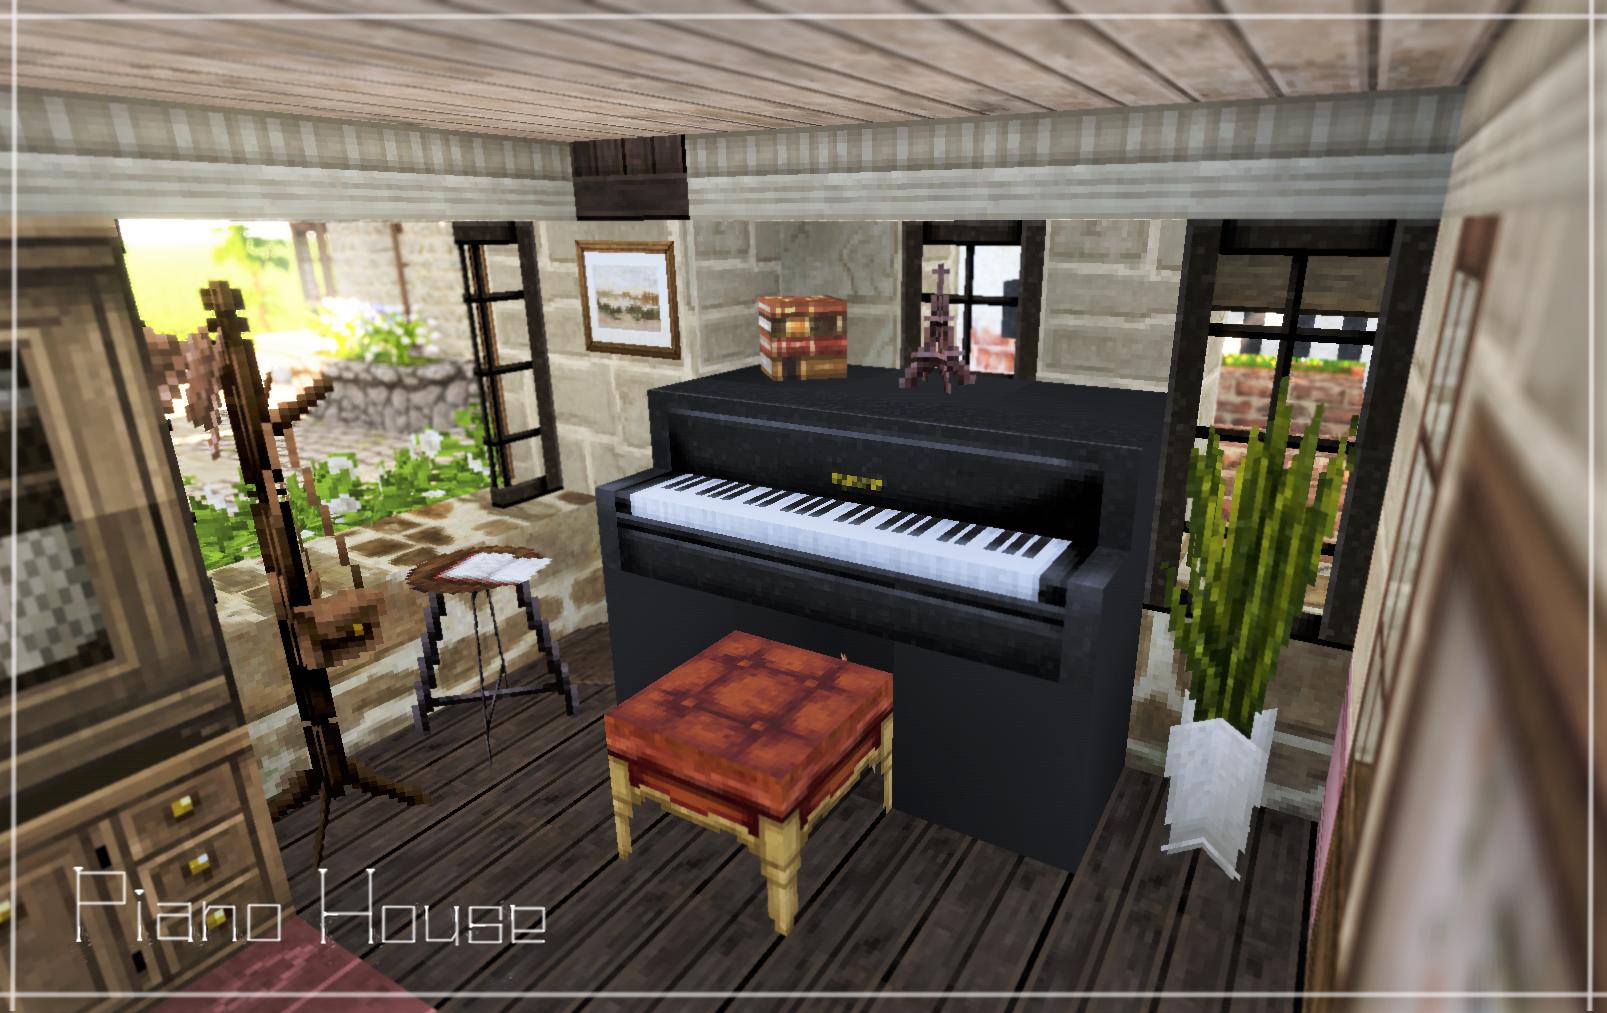 ピアノハウス 内装1.png